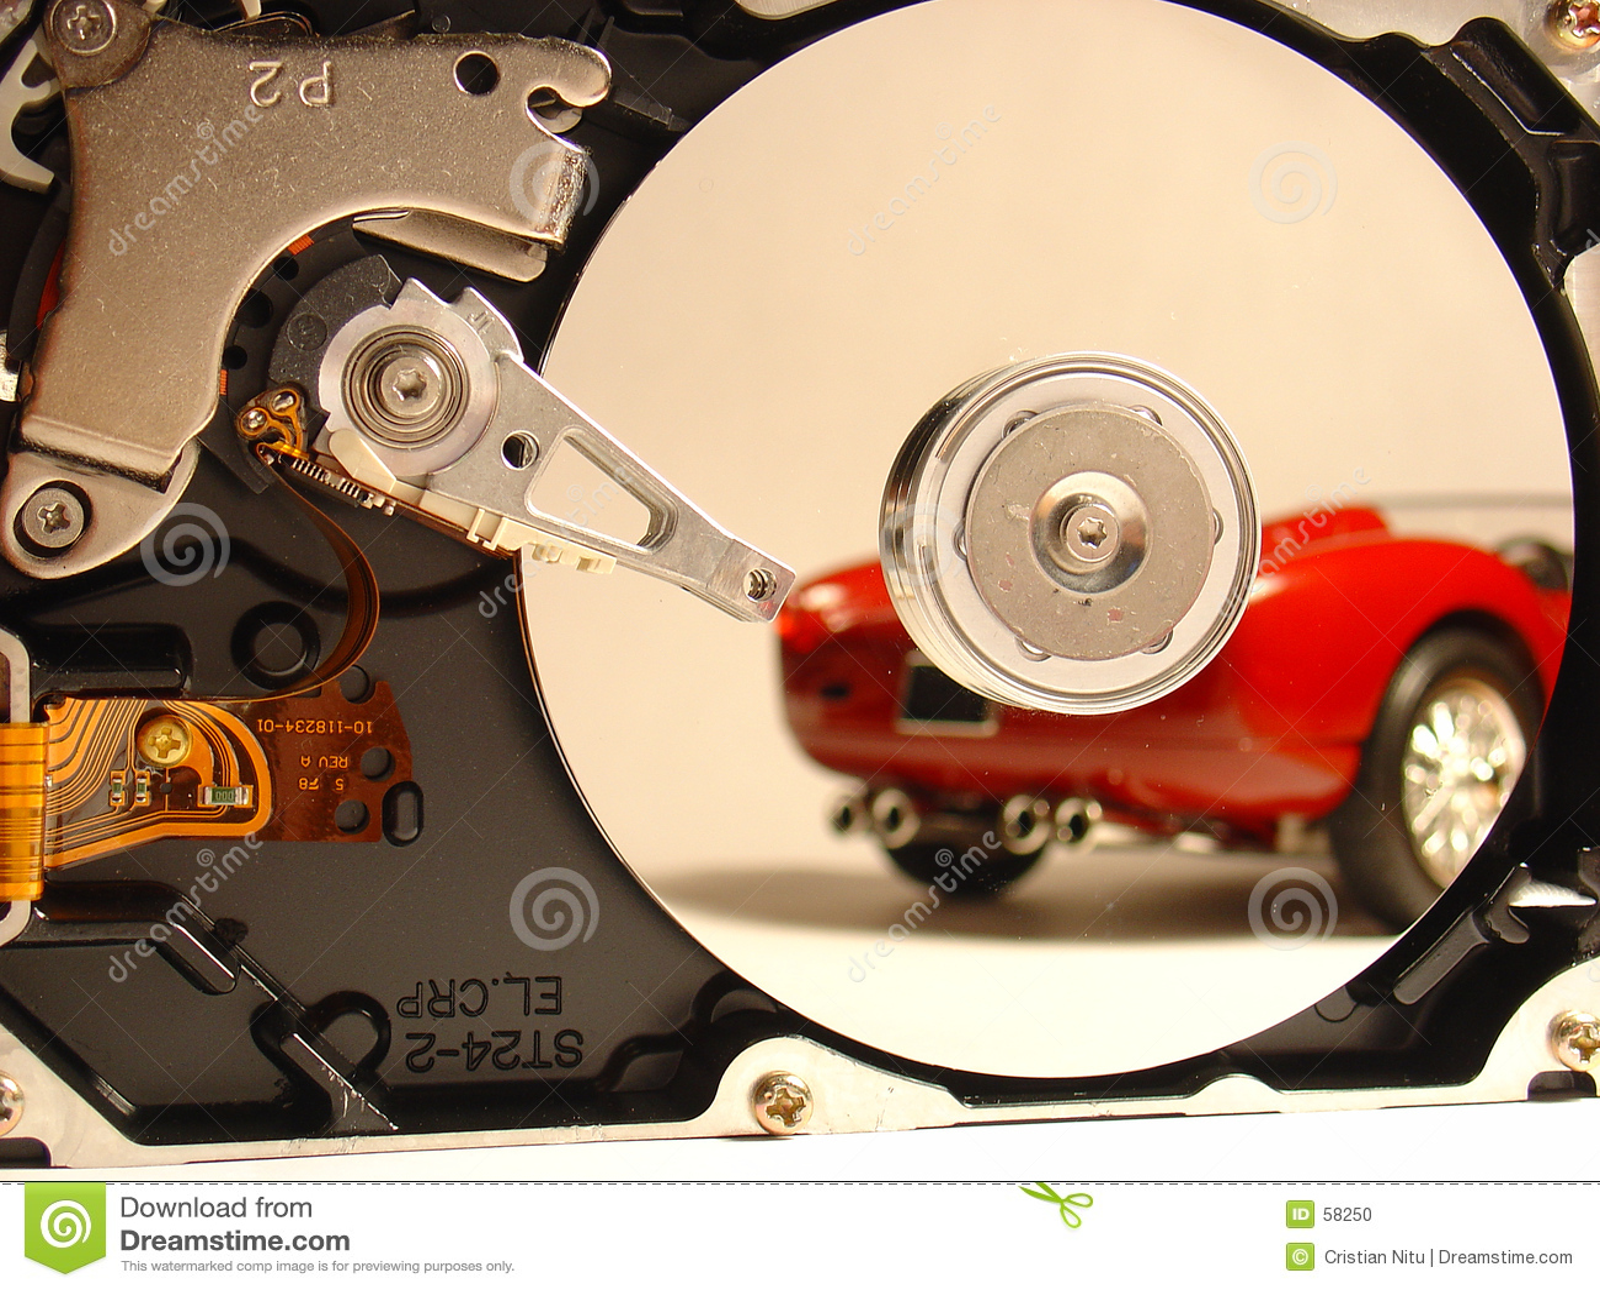 Download HDD contre Ferrari photo stock. Image du automobile, enregistrement - 58250